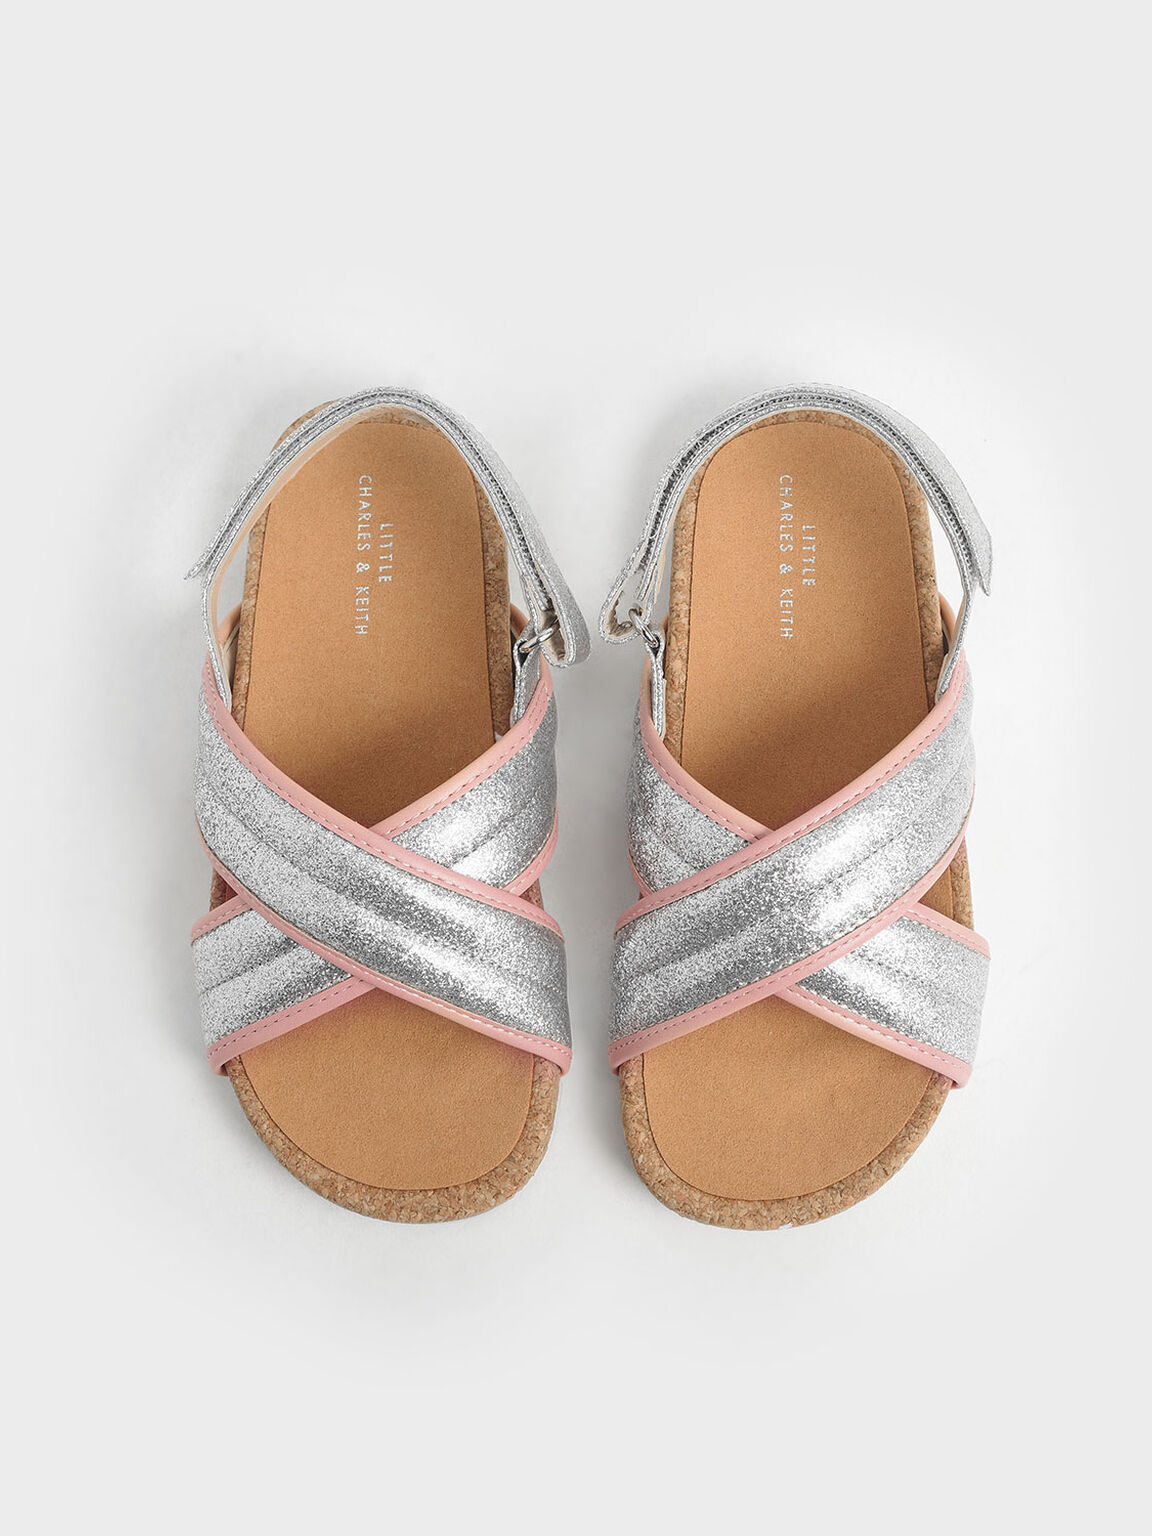 Girls' Glitter Criss Cross Sandals, Silver, hi-res